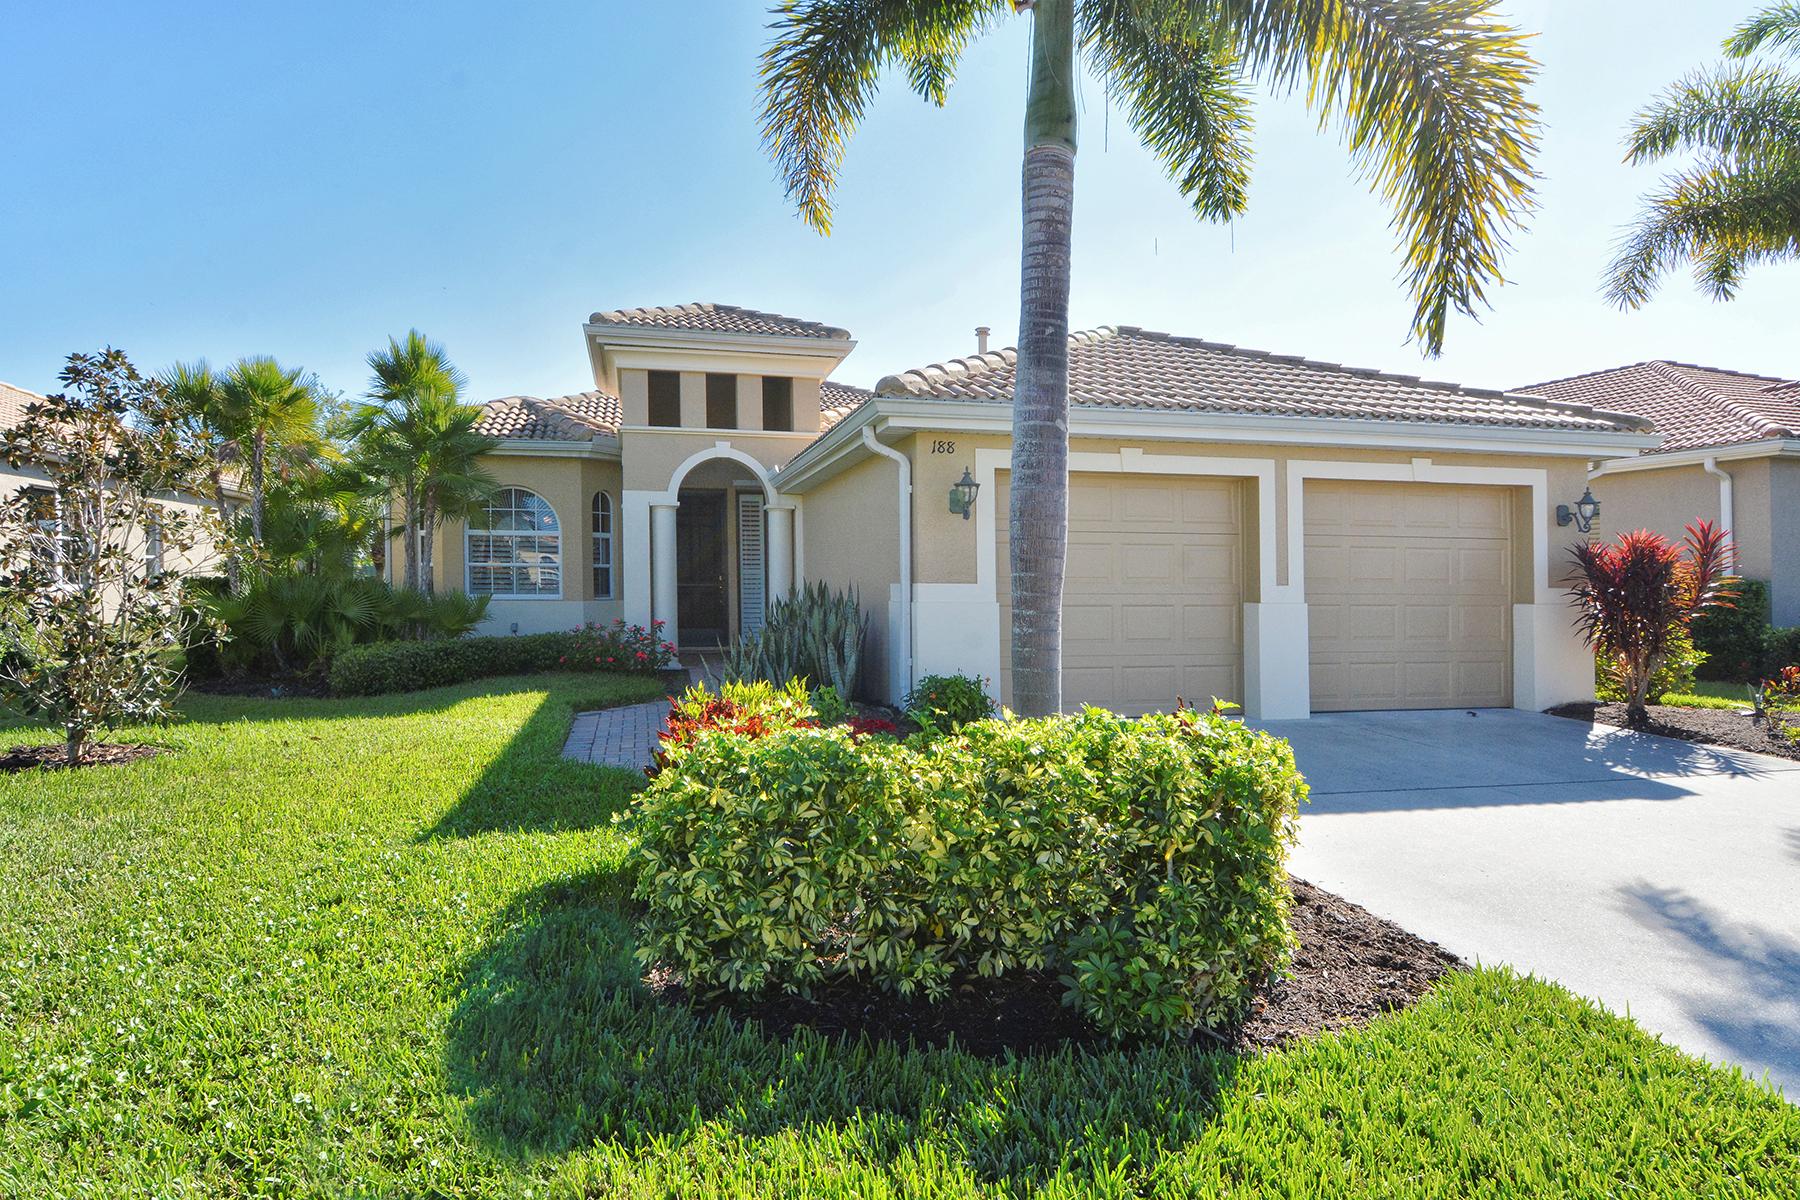 Casa para uma família para Venda às VENETIAN GOLF & RIVER CLUB 188 Savona Way North Venice, Florida, 34275 Estados Unidos